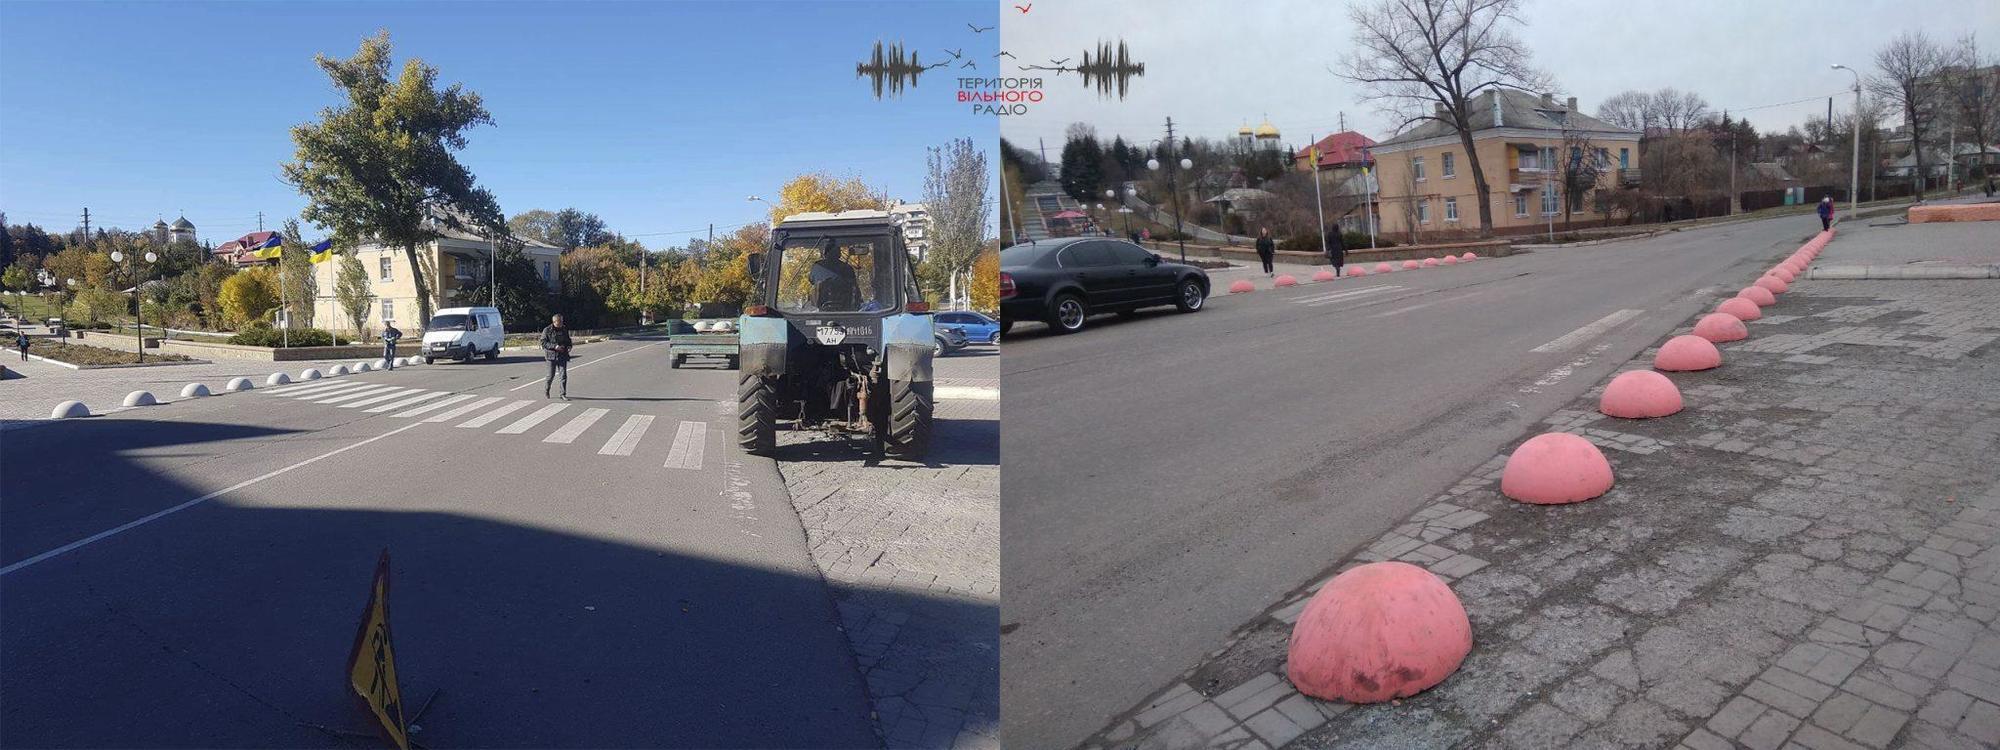 Директор КП БККП порадив, що робити пішоходам і водіям поки на дорогах немає розмітки